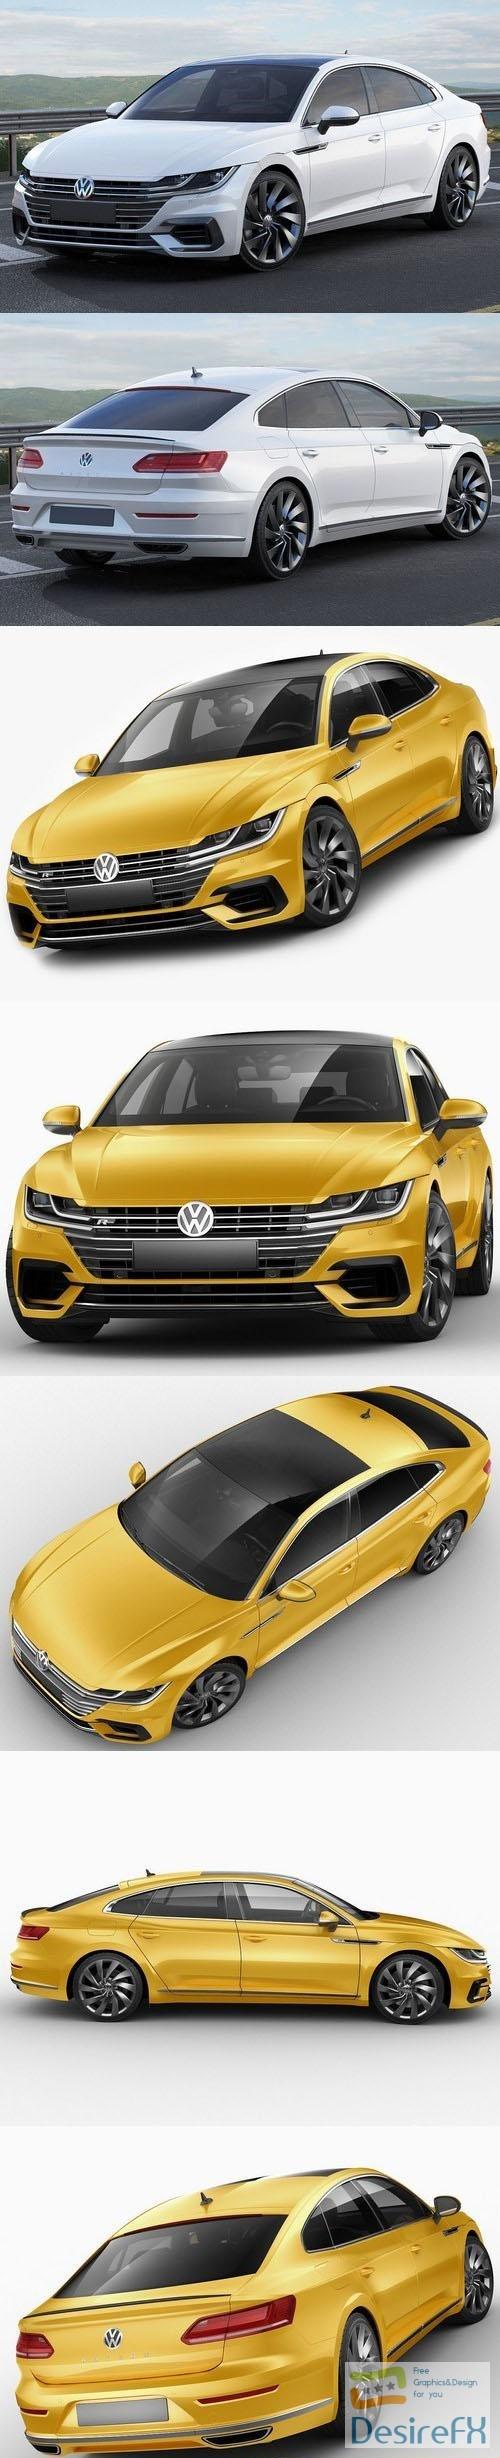 3d-models - Volkswagen Arteon R-line 2018 3D Model